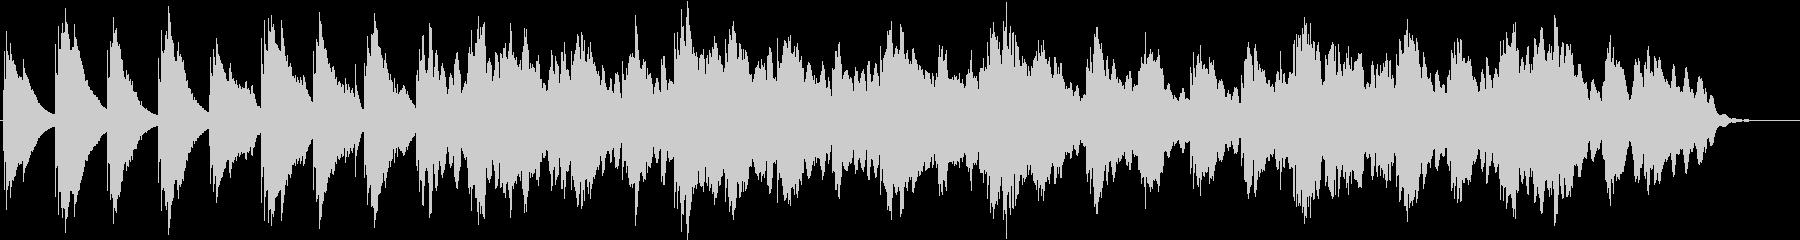 オルゴールのバラード、リラックス、ピアノの未再生の波形